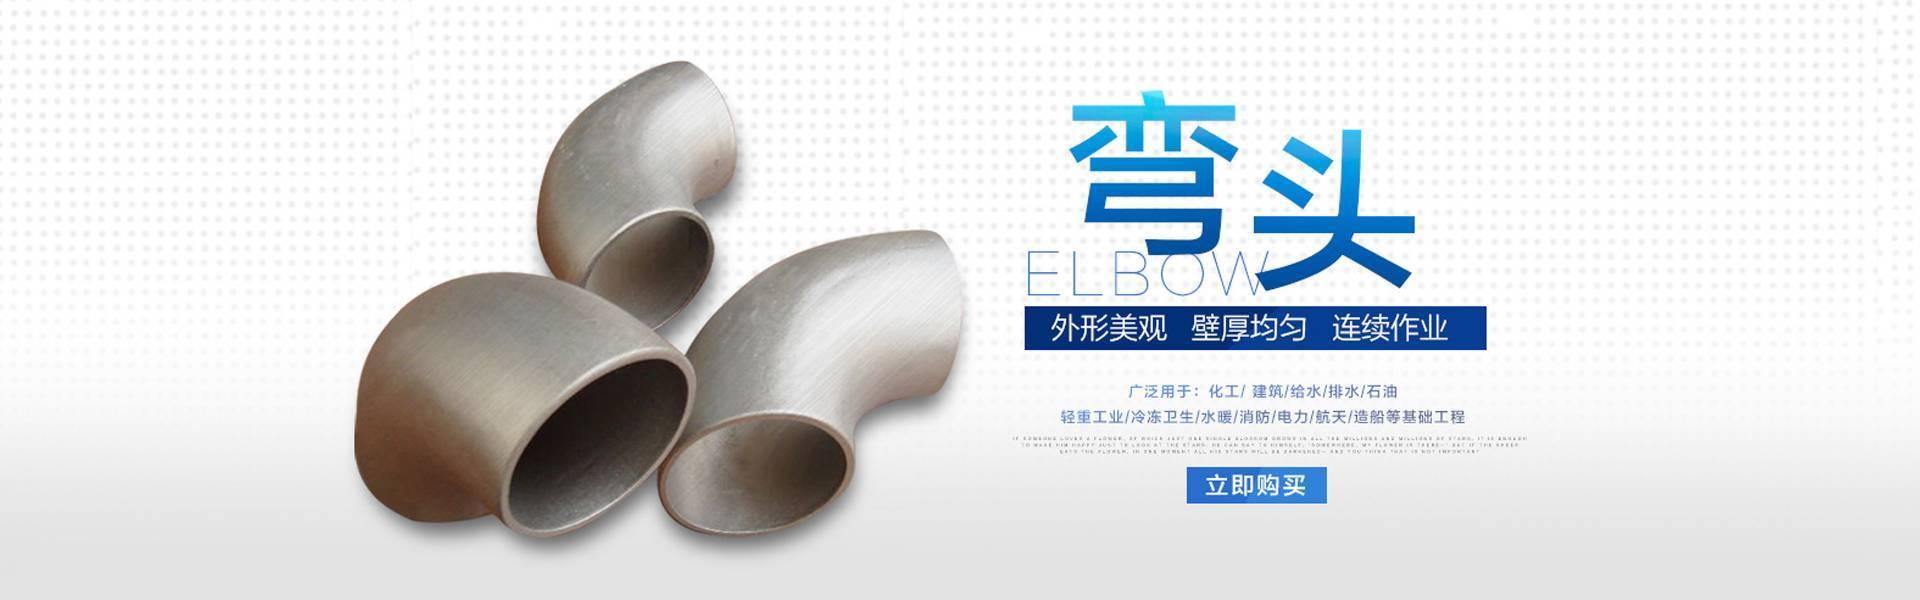 河北bwin娱乐app管道设备有限公司